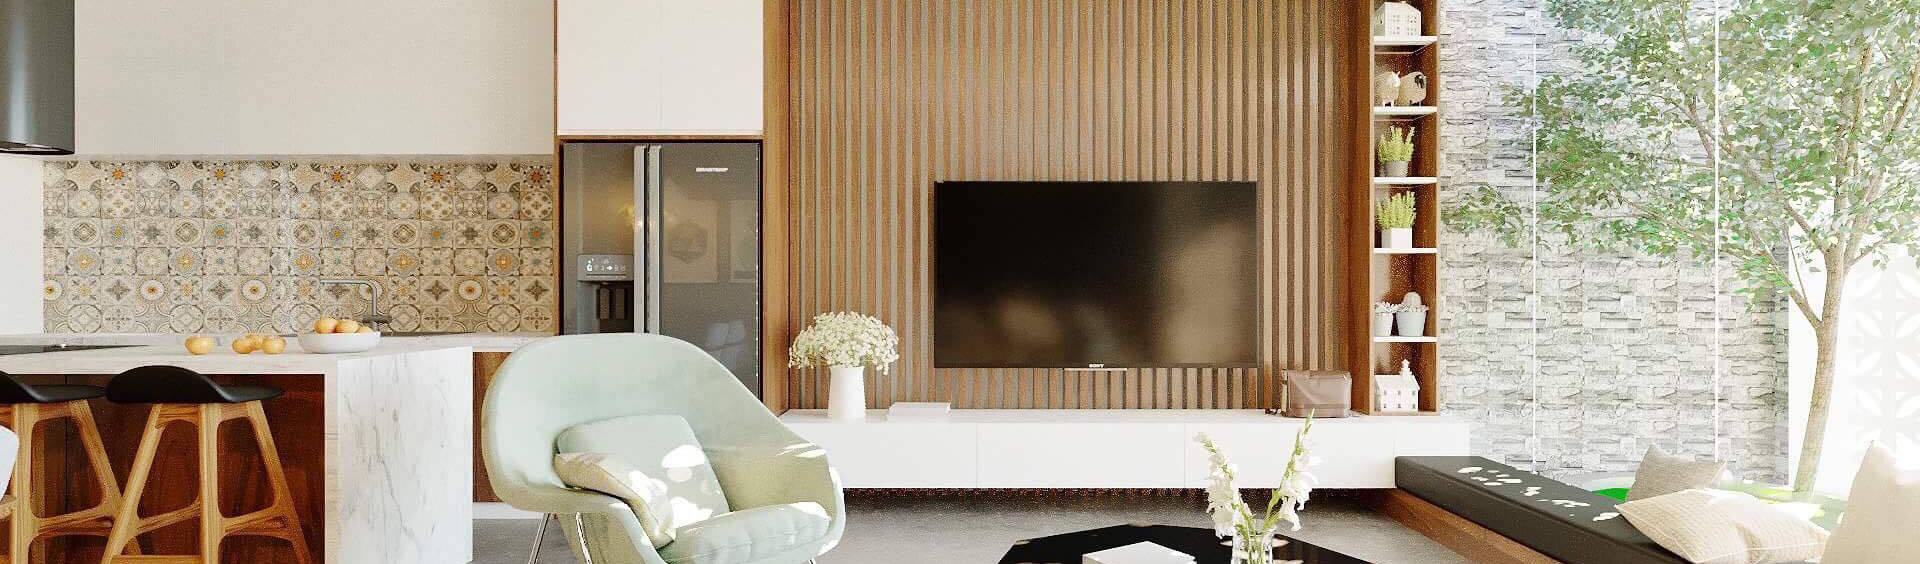 Công ty cổ phần kiến trúc và nội thất Tobehouse Việt Nam